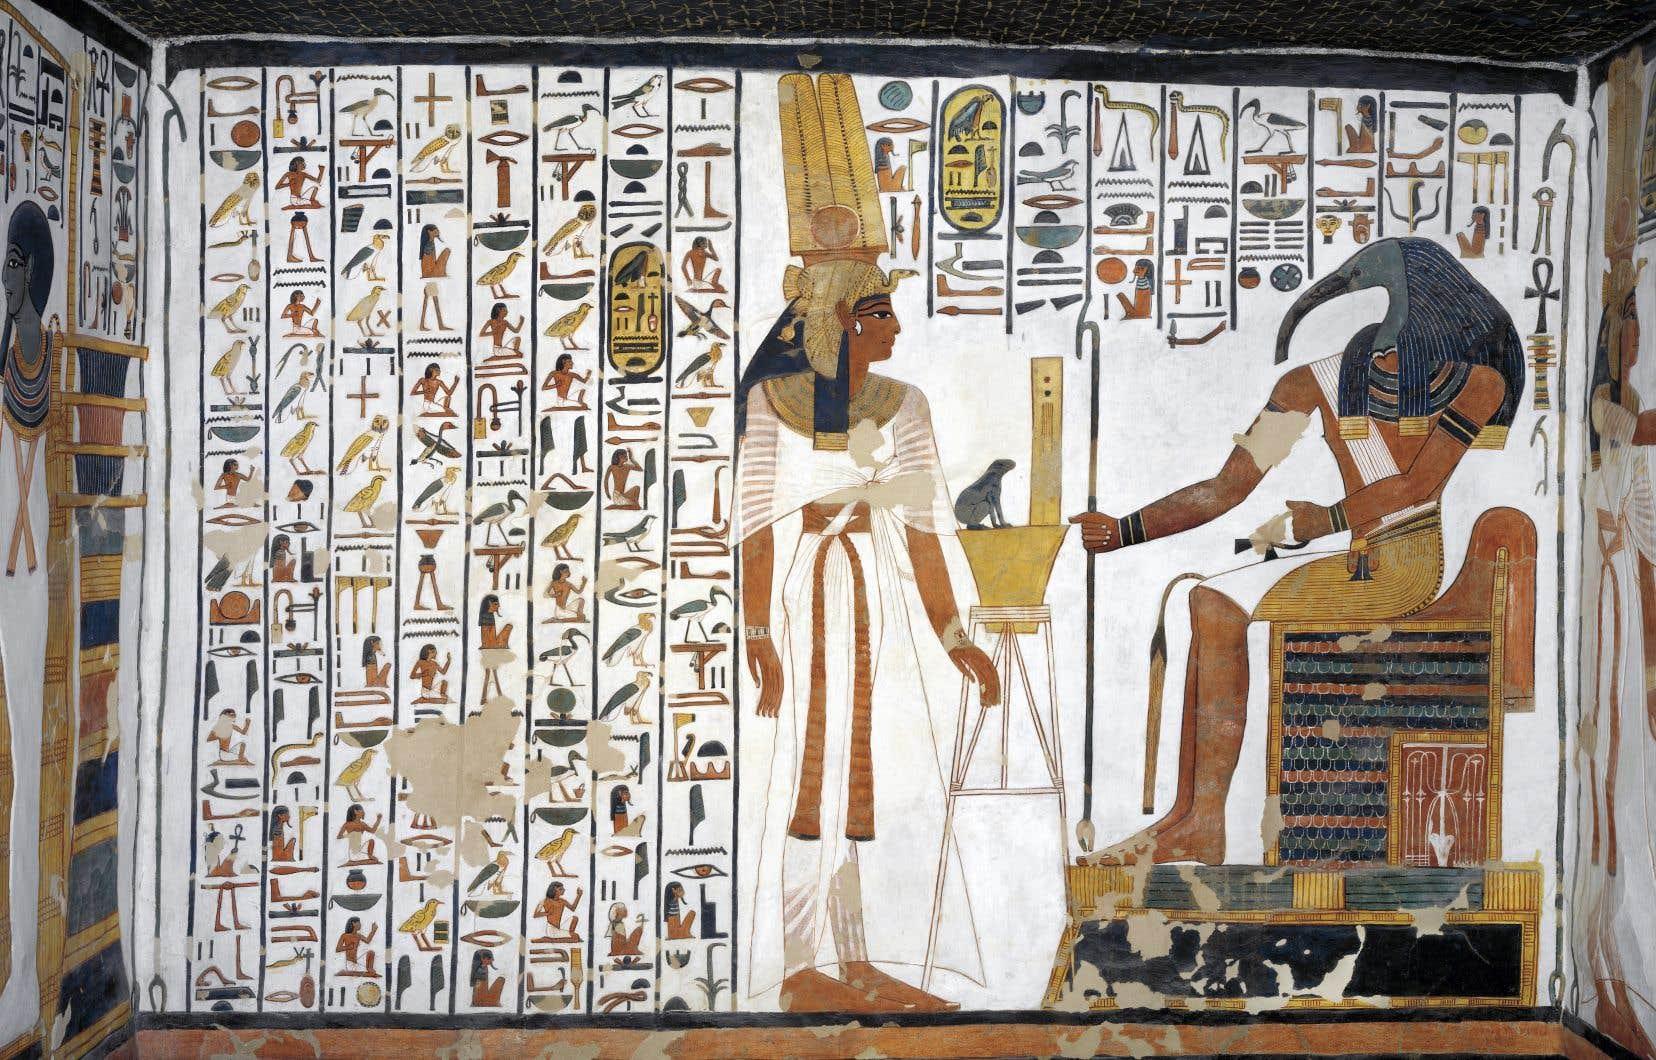 L'exposition réunit 350 objets, dont une fresque murale située dans l'annexe de l'antichambre de la tombe de Néfertari.